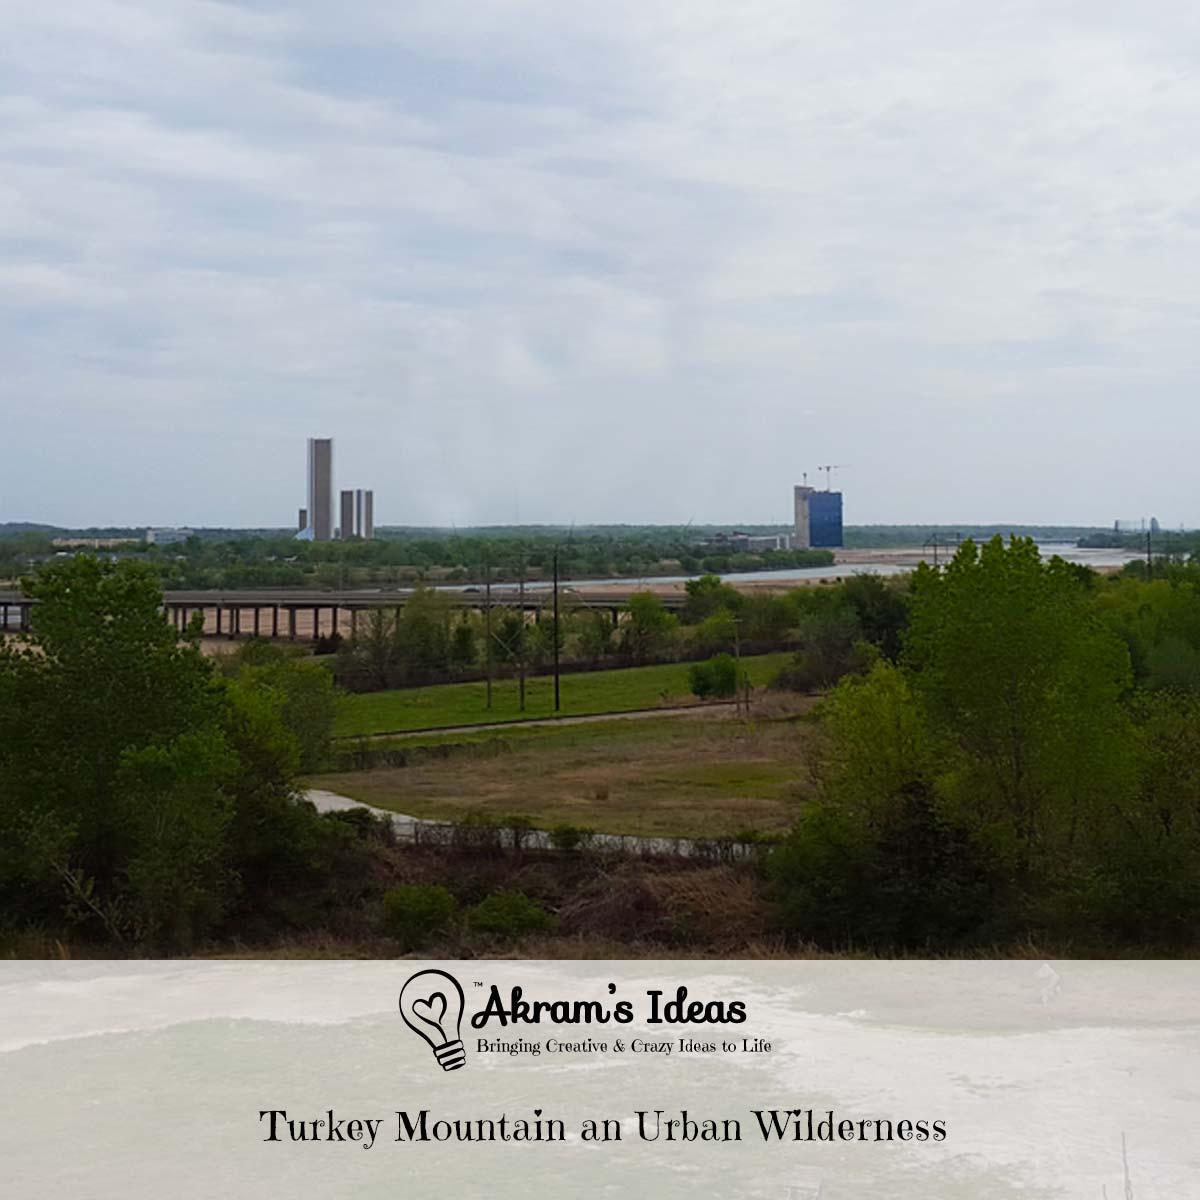 Turkey Mountain an Urban Wilderness